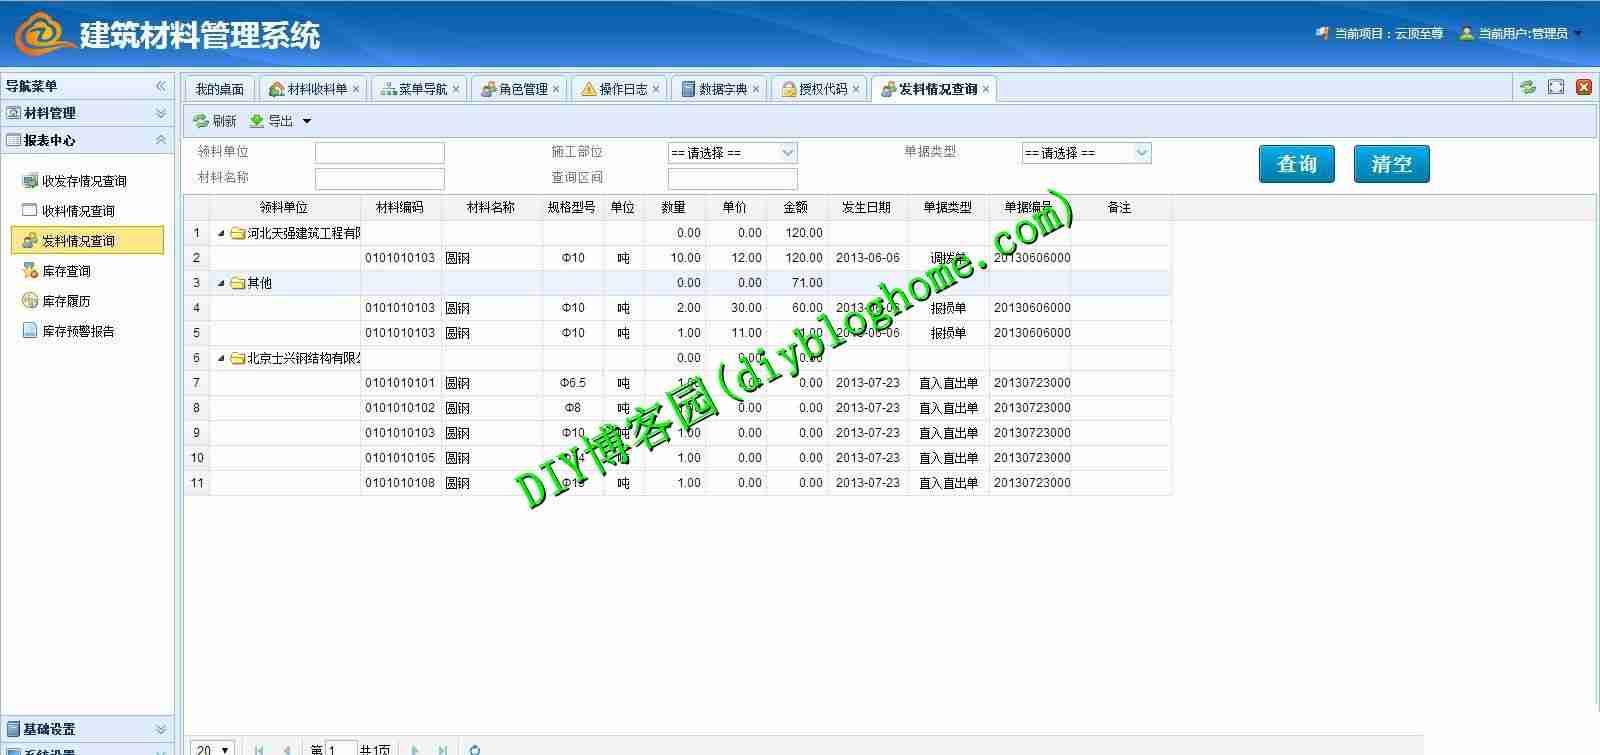 asp.net(BS)开发框架源码 MVC4 WEB EasyUI BS系统+工作流说明文档